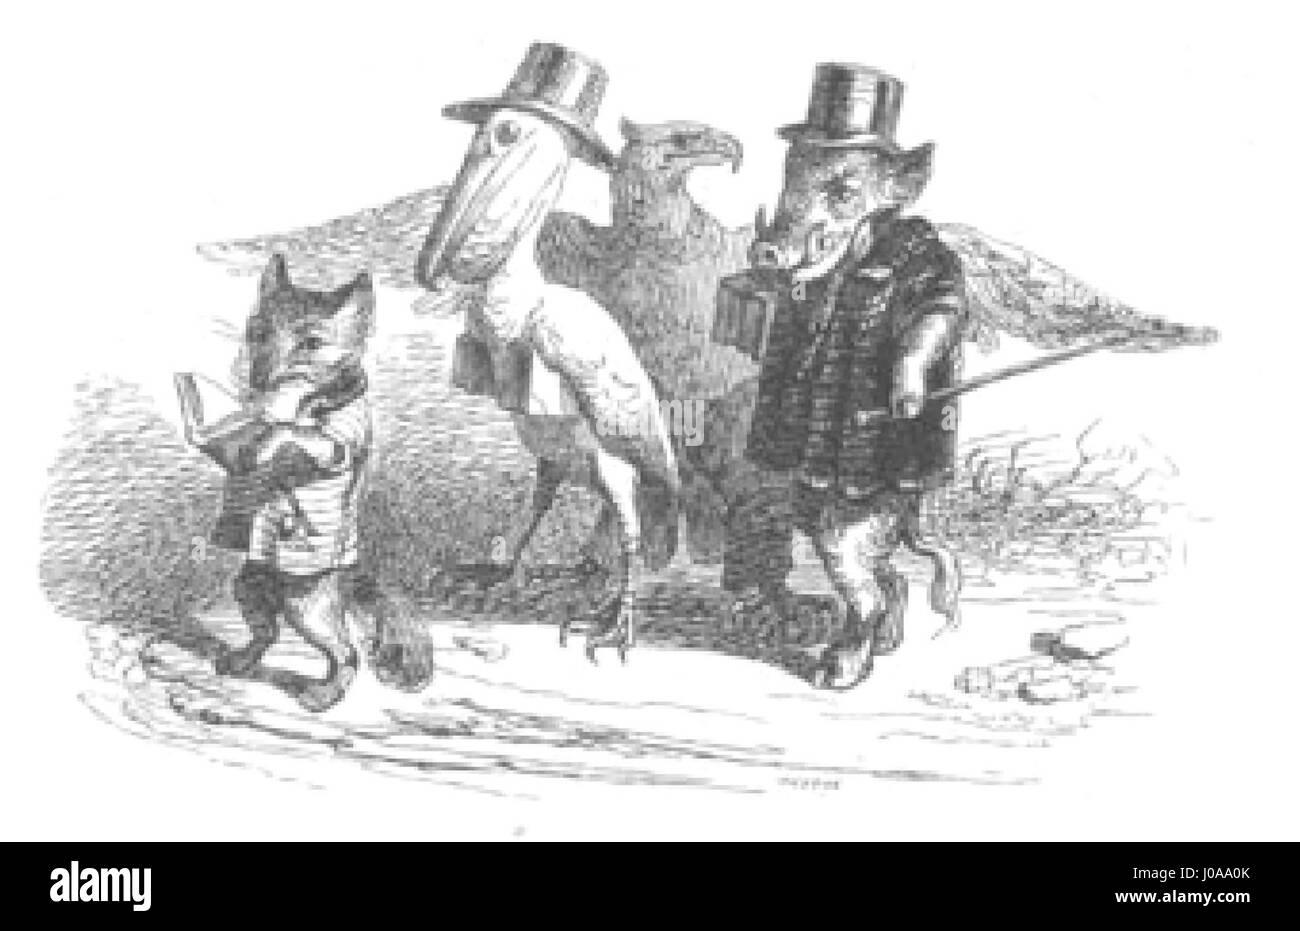 Scènes de la vie privée et publique des animaux, tome 1 0065 - Stock Image